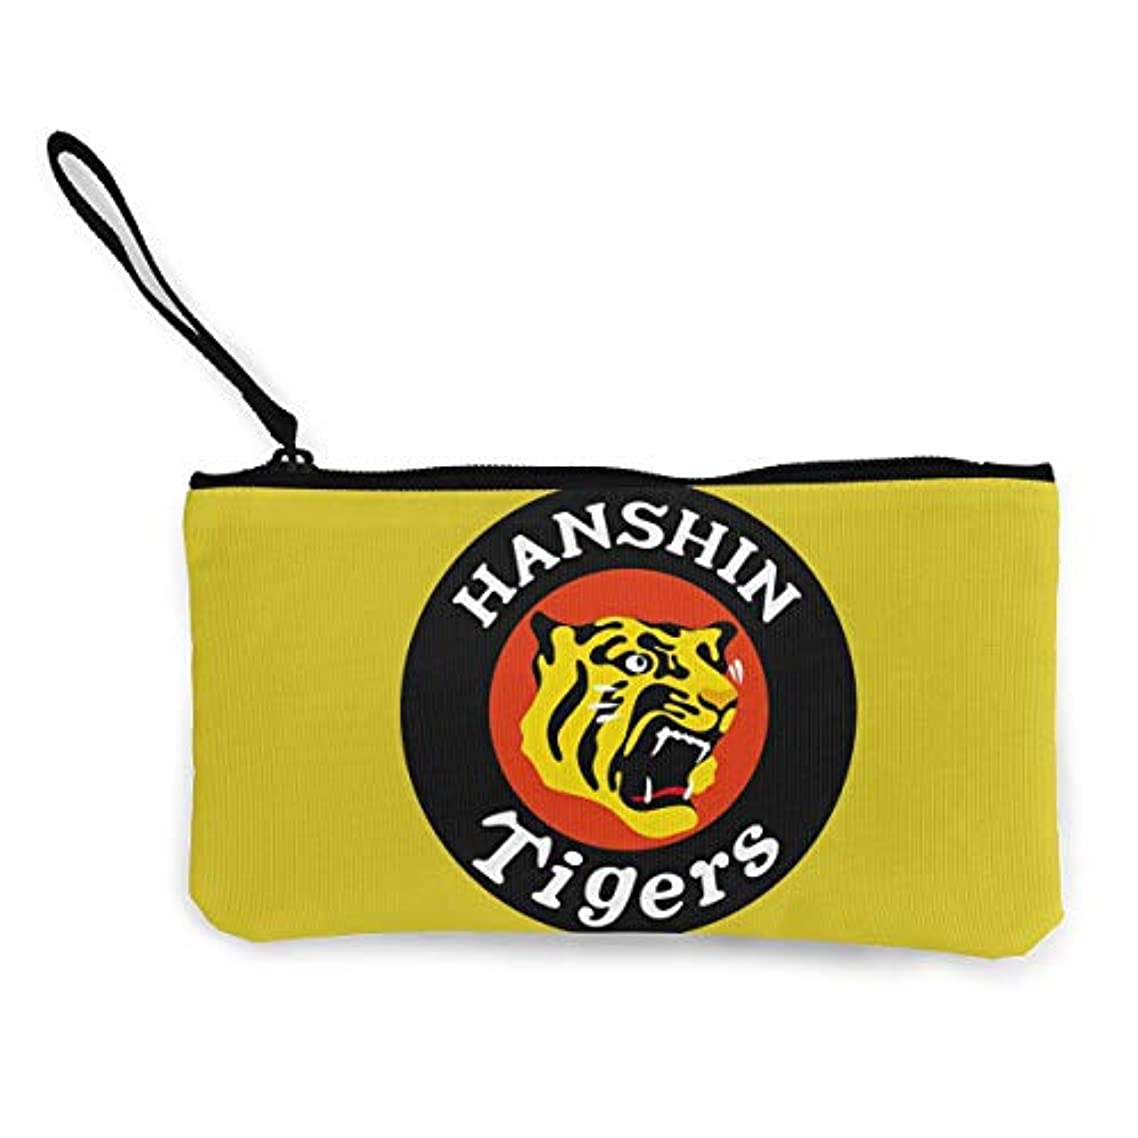 状バレーボールアクセス阪神タイガース 小銭入れ ワレット 財布 キャンバス ジッパー付きハンド 大容量